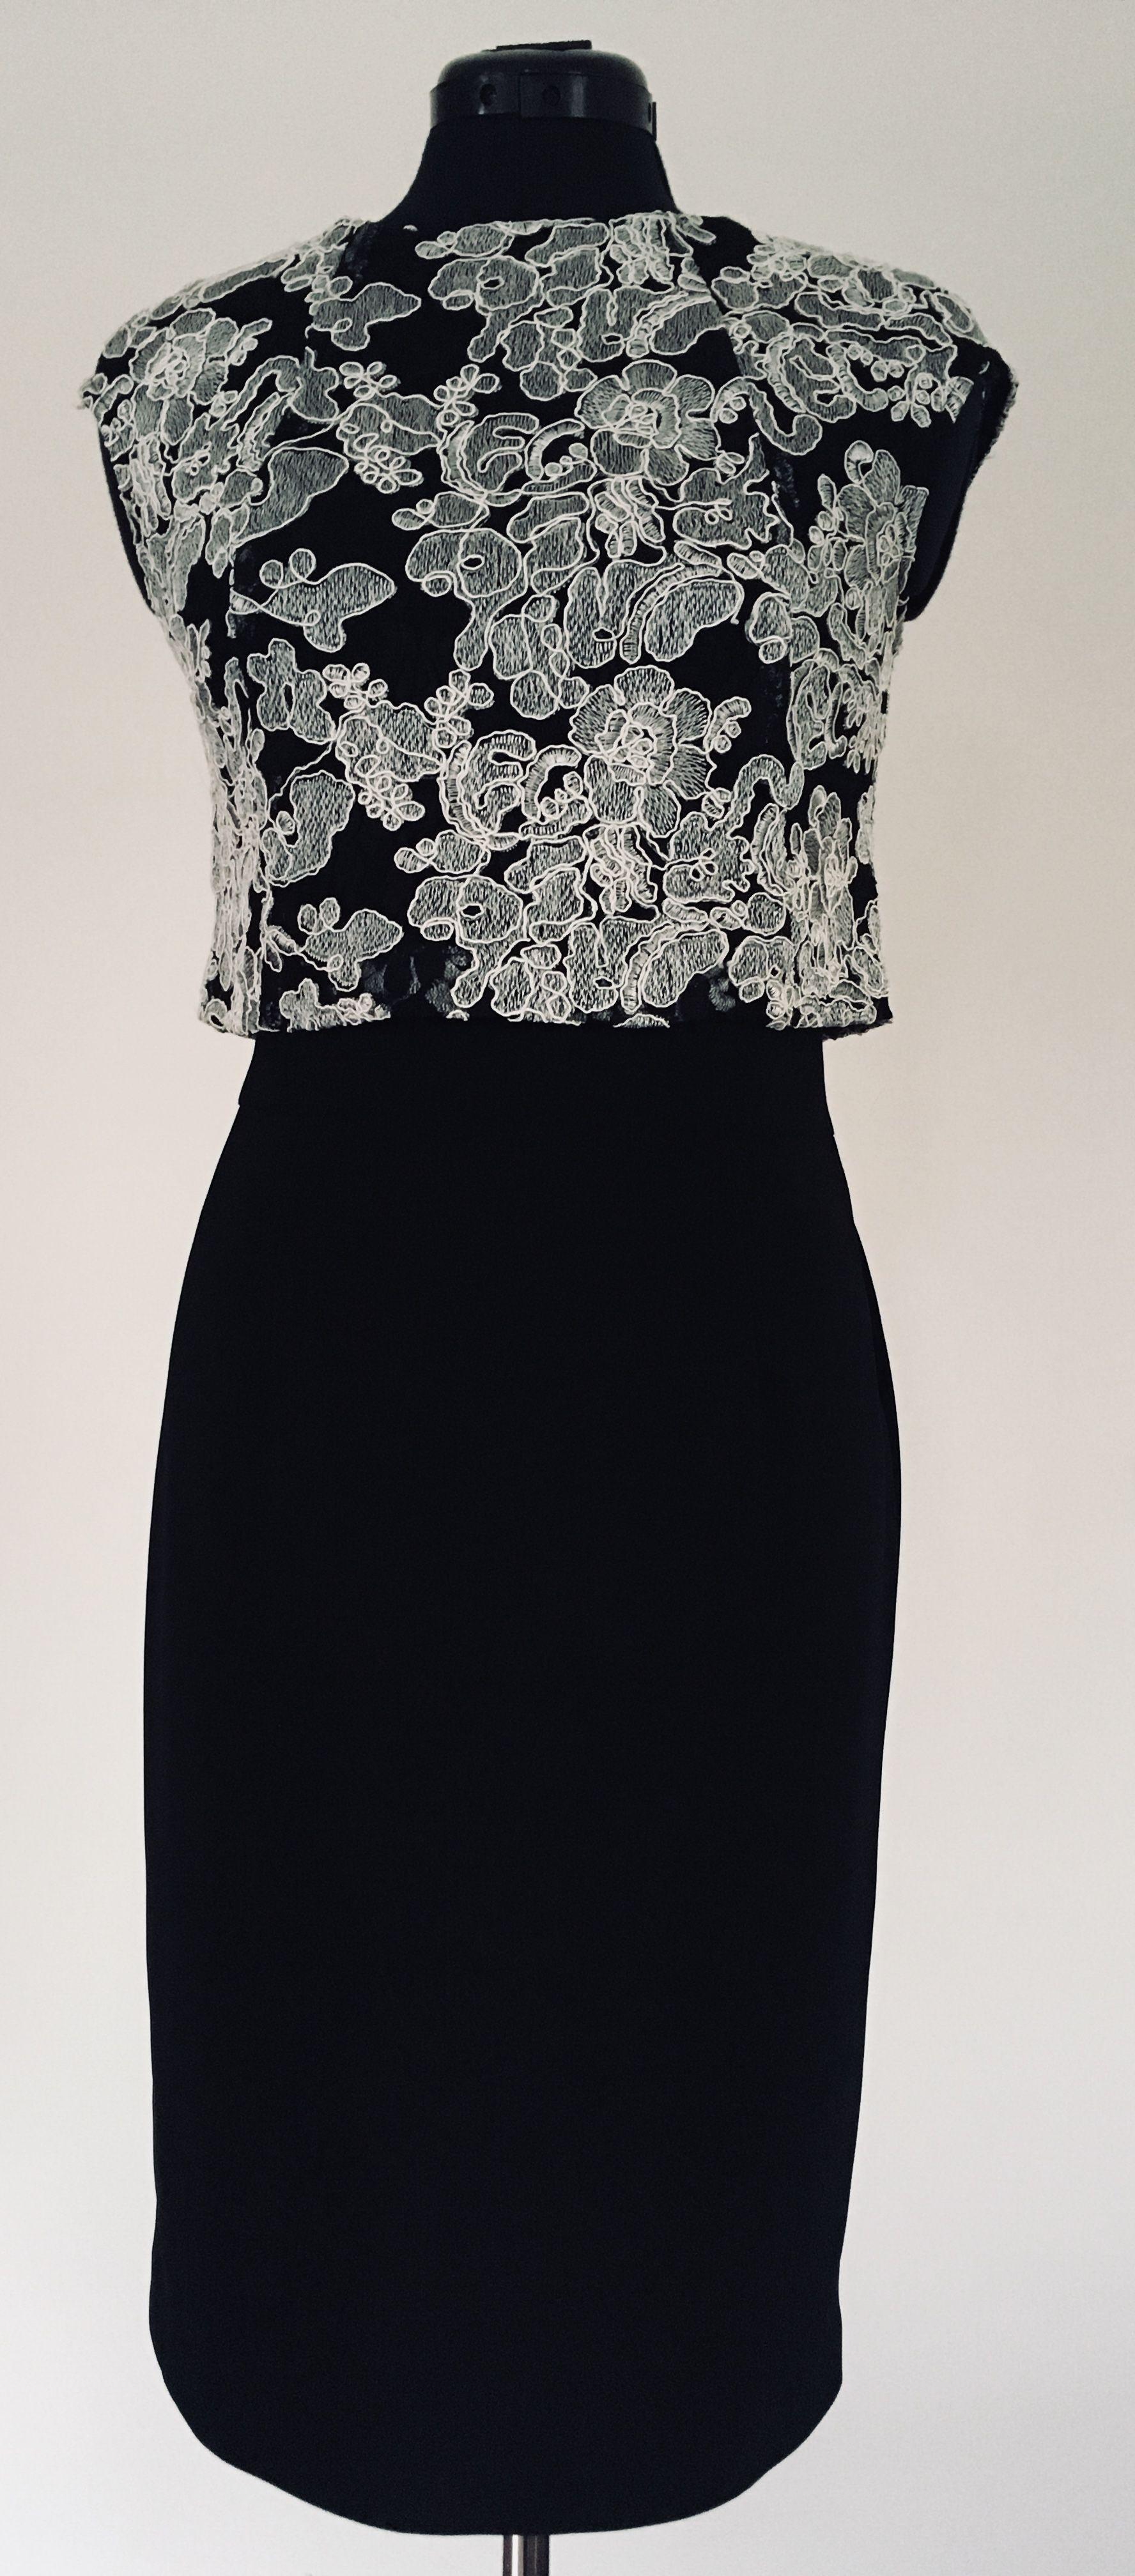 Luxurius Spitzenkleid Schwarz VertriebFormal Elegant Spitzenkleid Schwarz für 2019